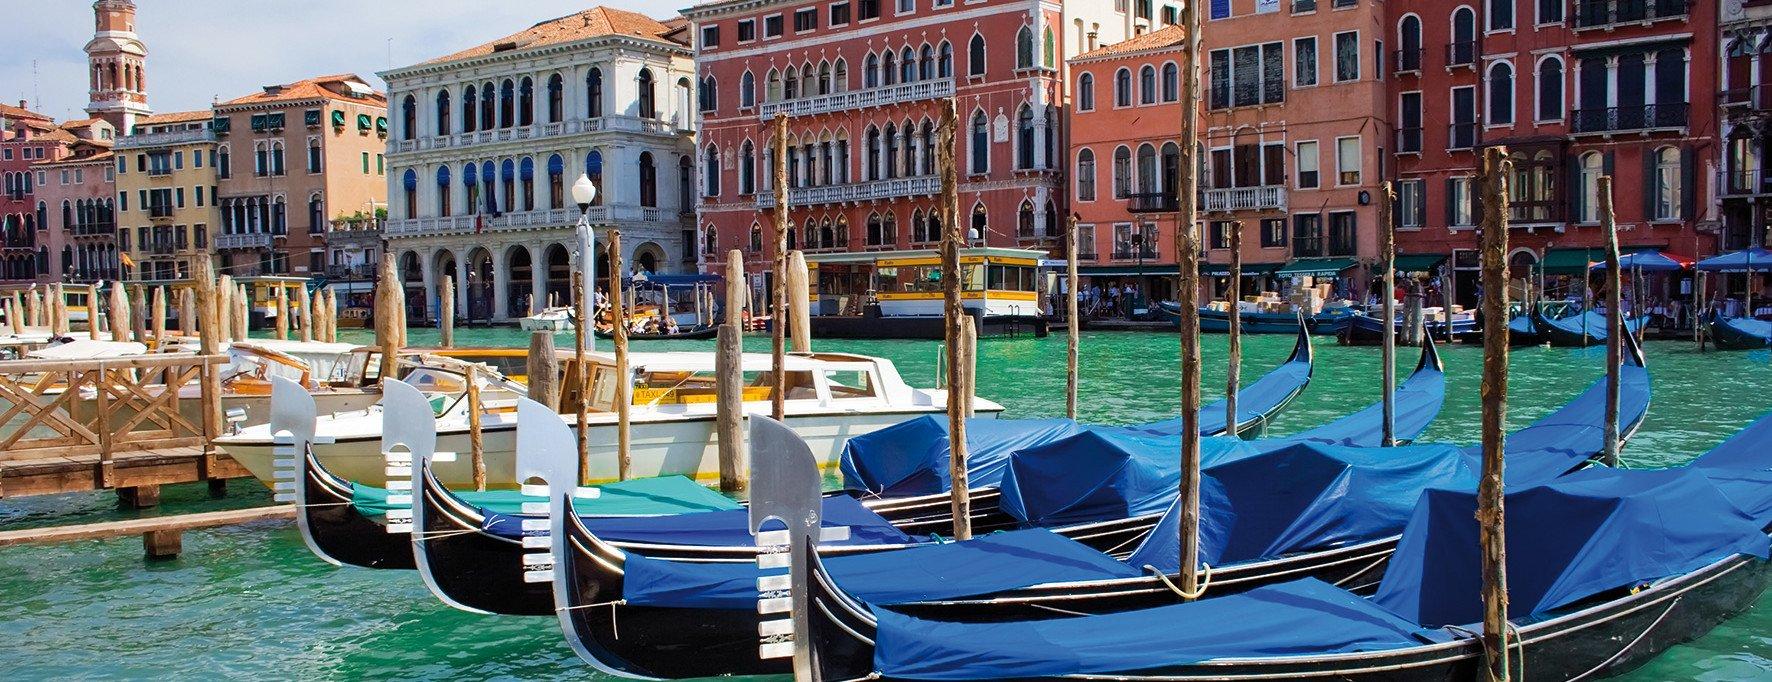 Venedig mit Booten und Kanal